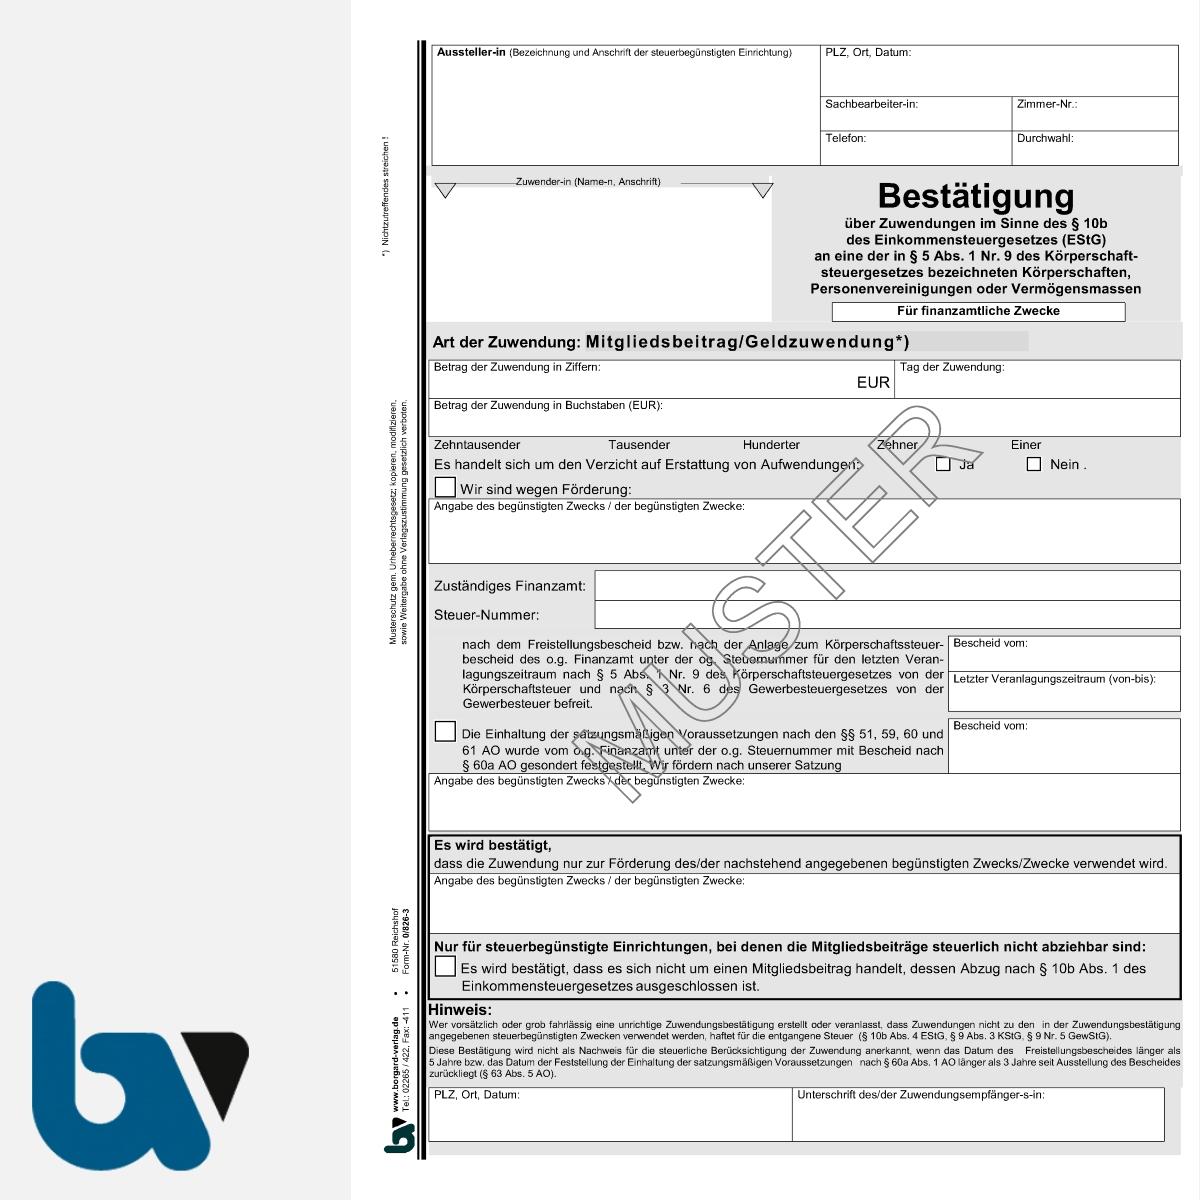 0/826-3 Bestätigung Geld Zuwendung Mitgliedsbeitrag Spende Behörden Muster Paragraph 10b Einkommensteuergesetz EStG 2-fach selbstdurchschreibend DIN A4 | Borgard Verlag GmbH